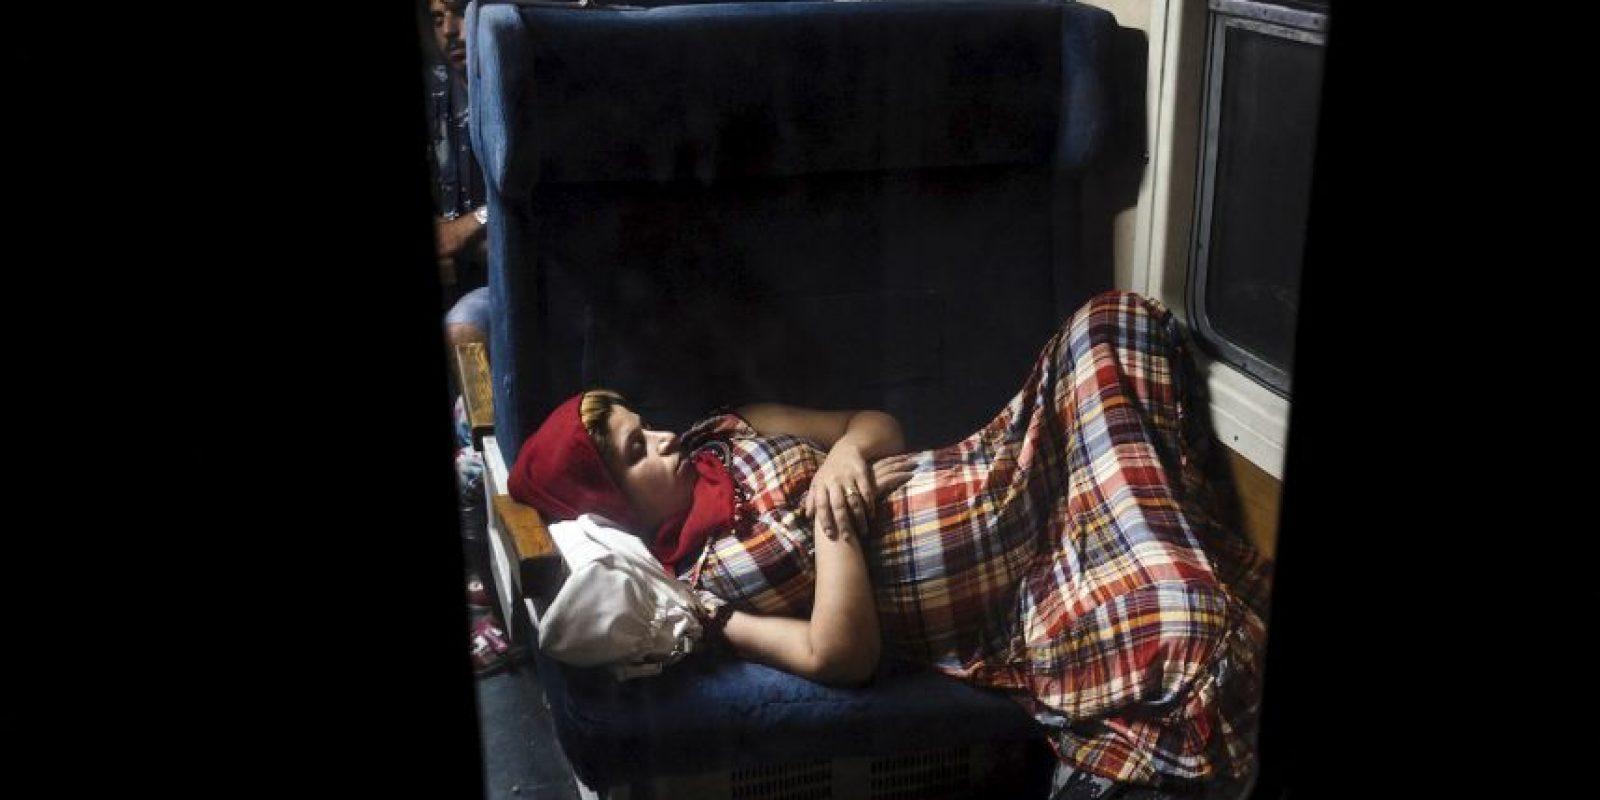 Embarazada siria durmiendo en el tren. Foto:AFP